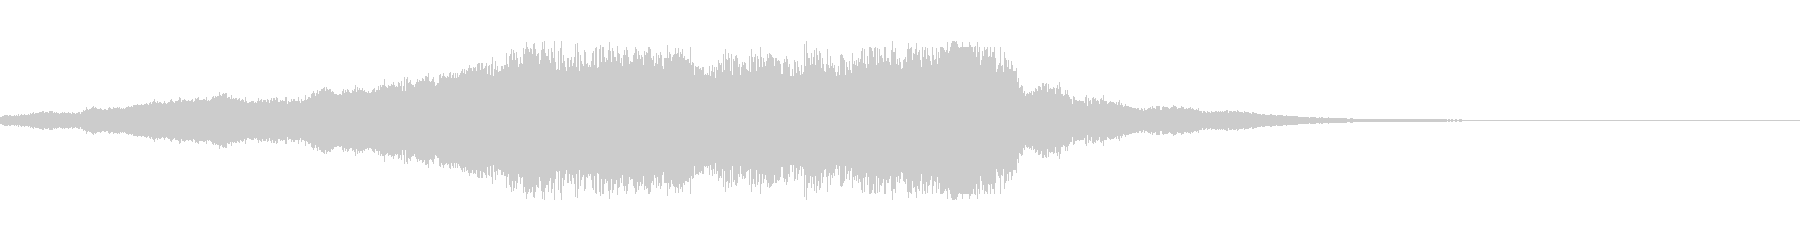 スプラッシュシンボル1お辞儀2の未再生の波形